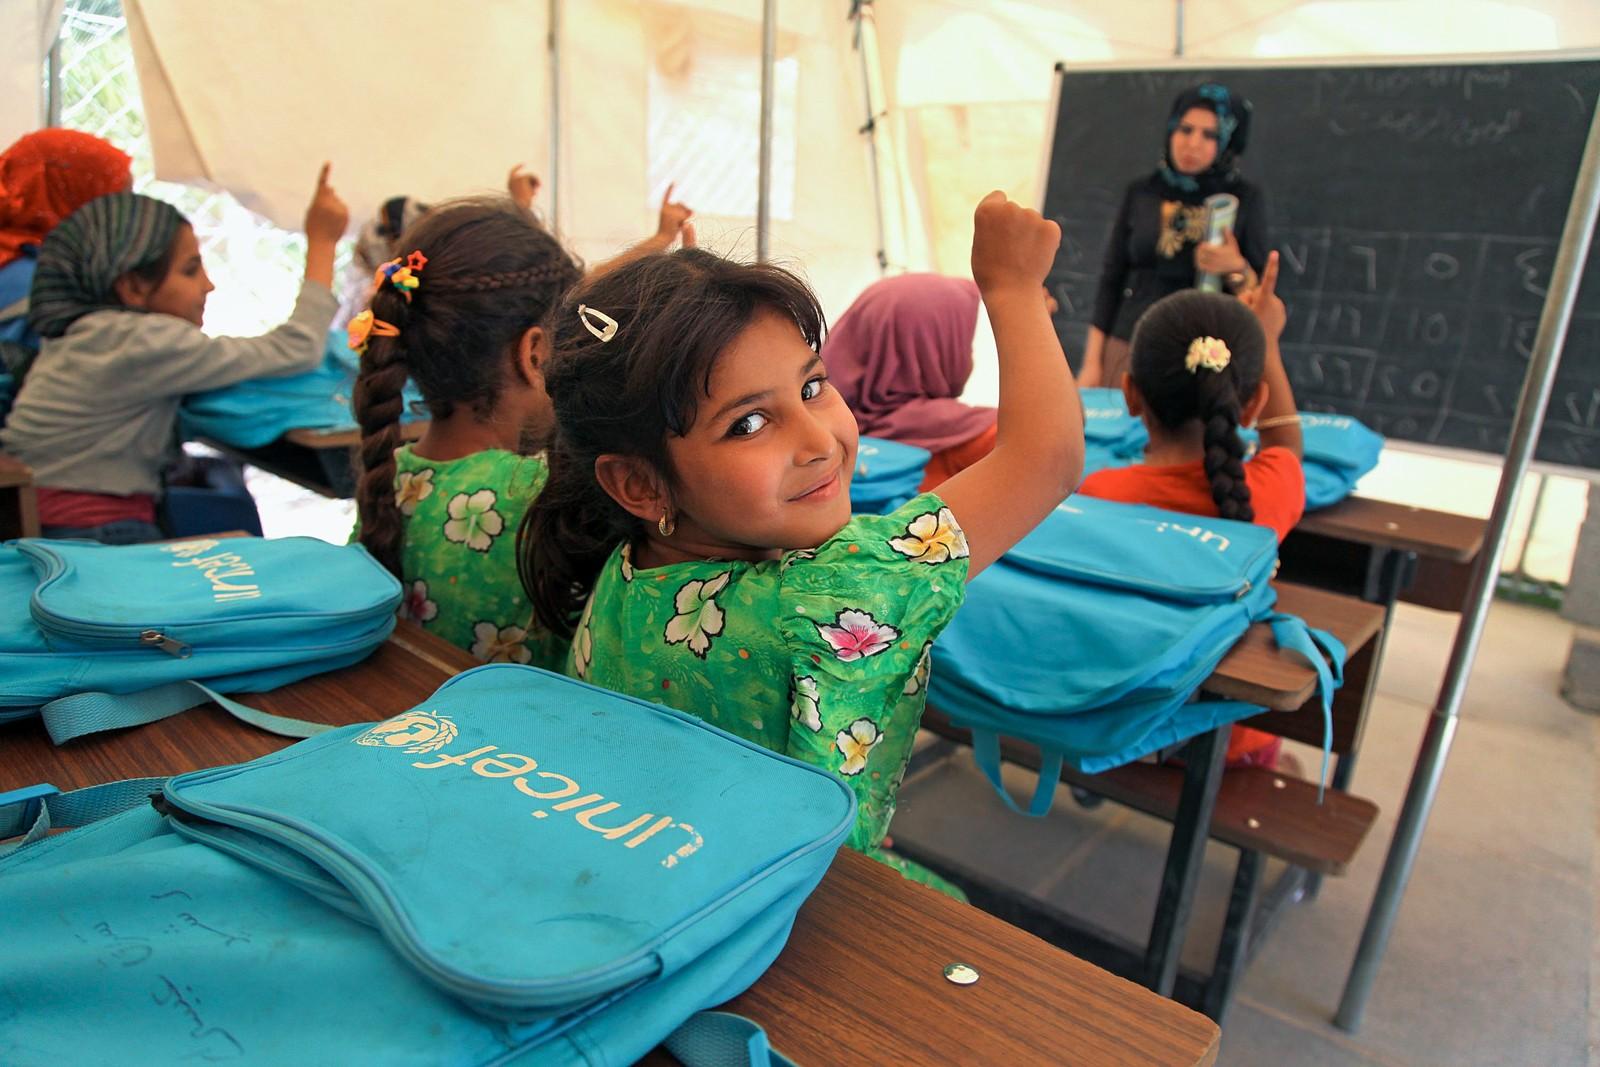 En elev holder armen i været for å svare på lærer Hiba Ahmed sitt spørsmål, i et lasterom i en teltleir nær Bagdad 16. juni, 2016.